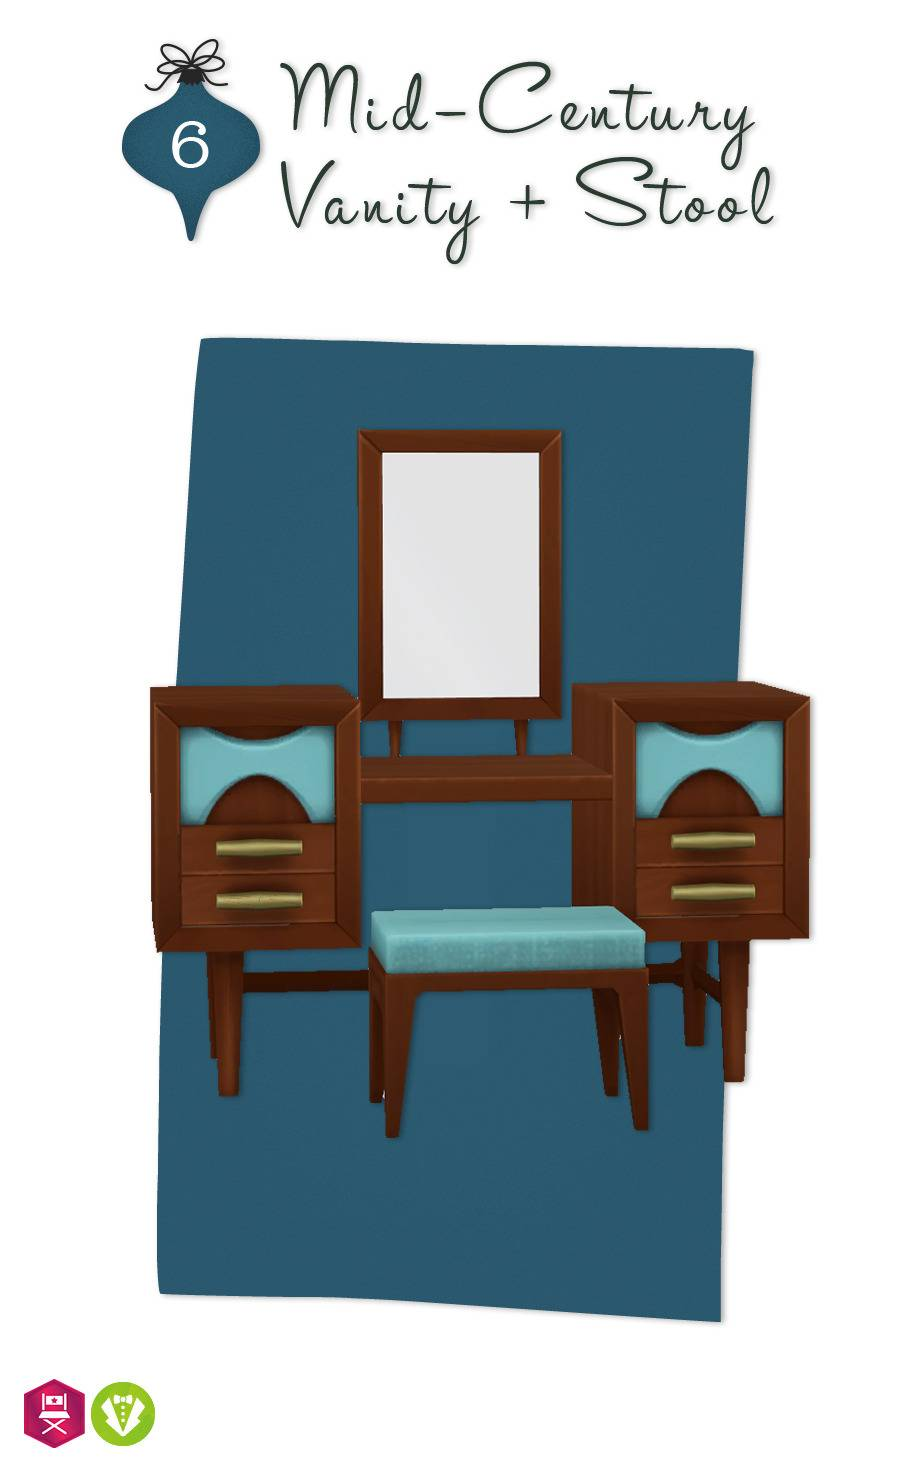 Туалетный столик - Mid-Century Vanity + Stool